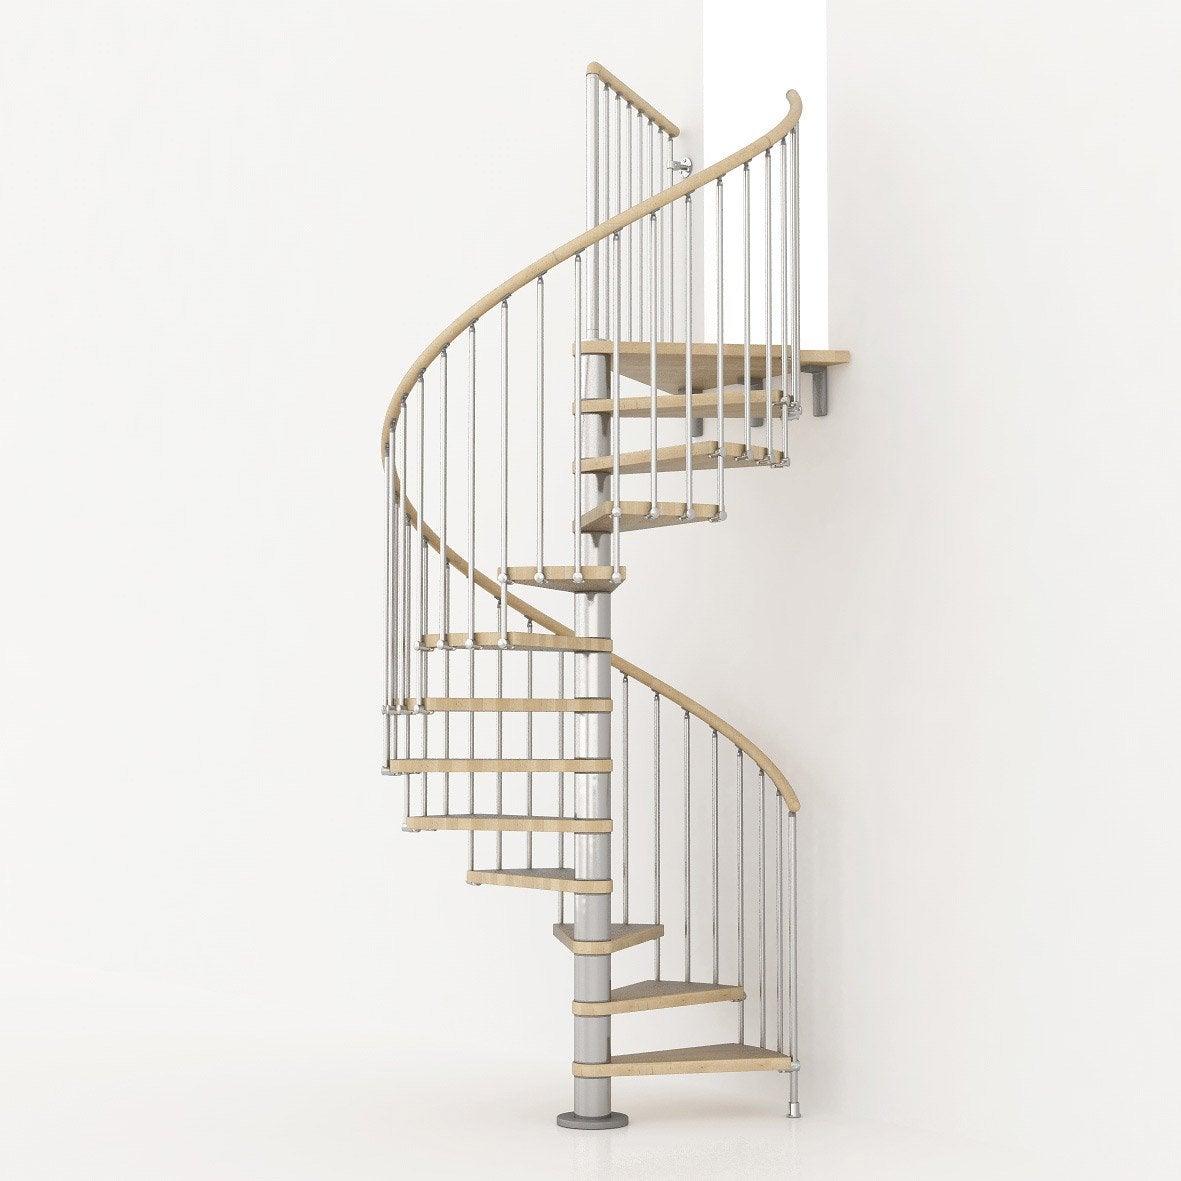 Escalier colima on rond ring structure m tal marche bois for Escalier exterieur bois prix